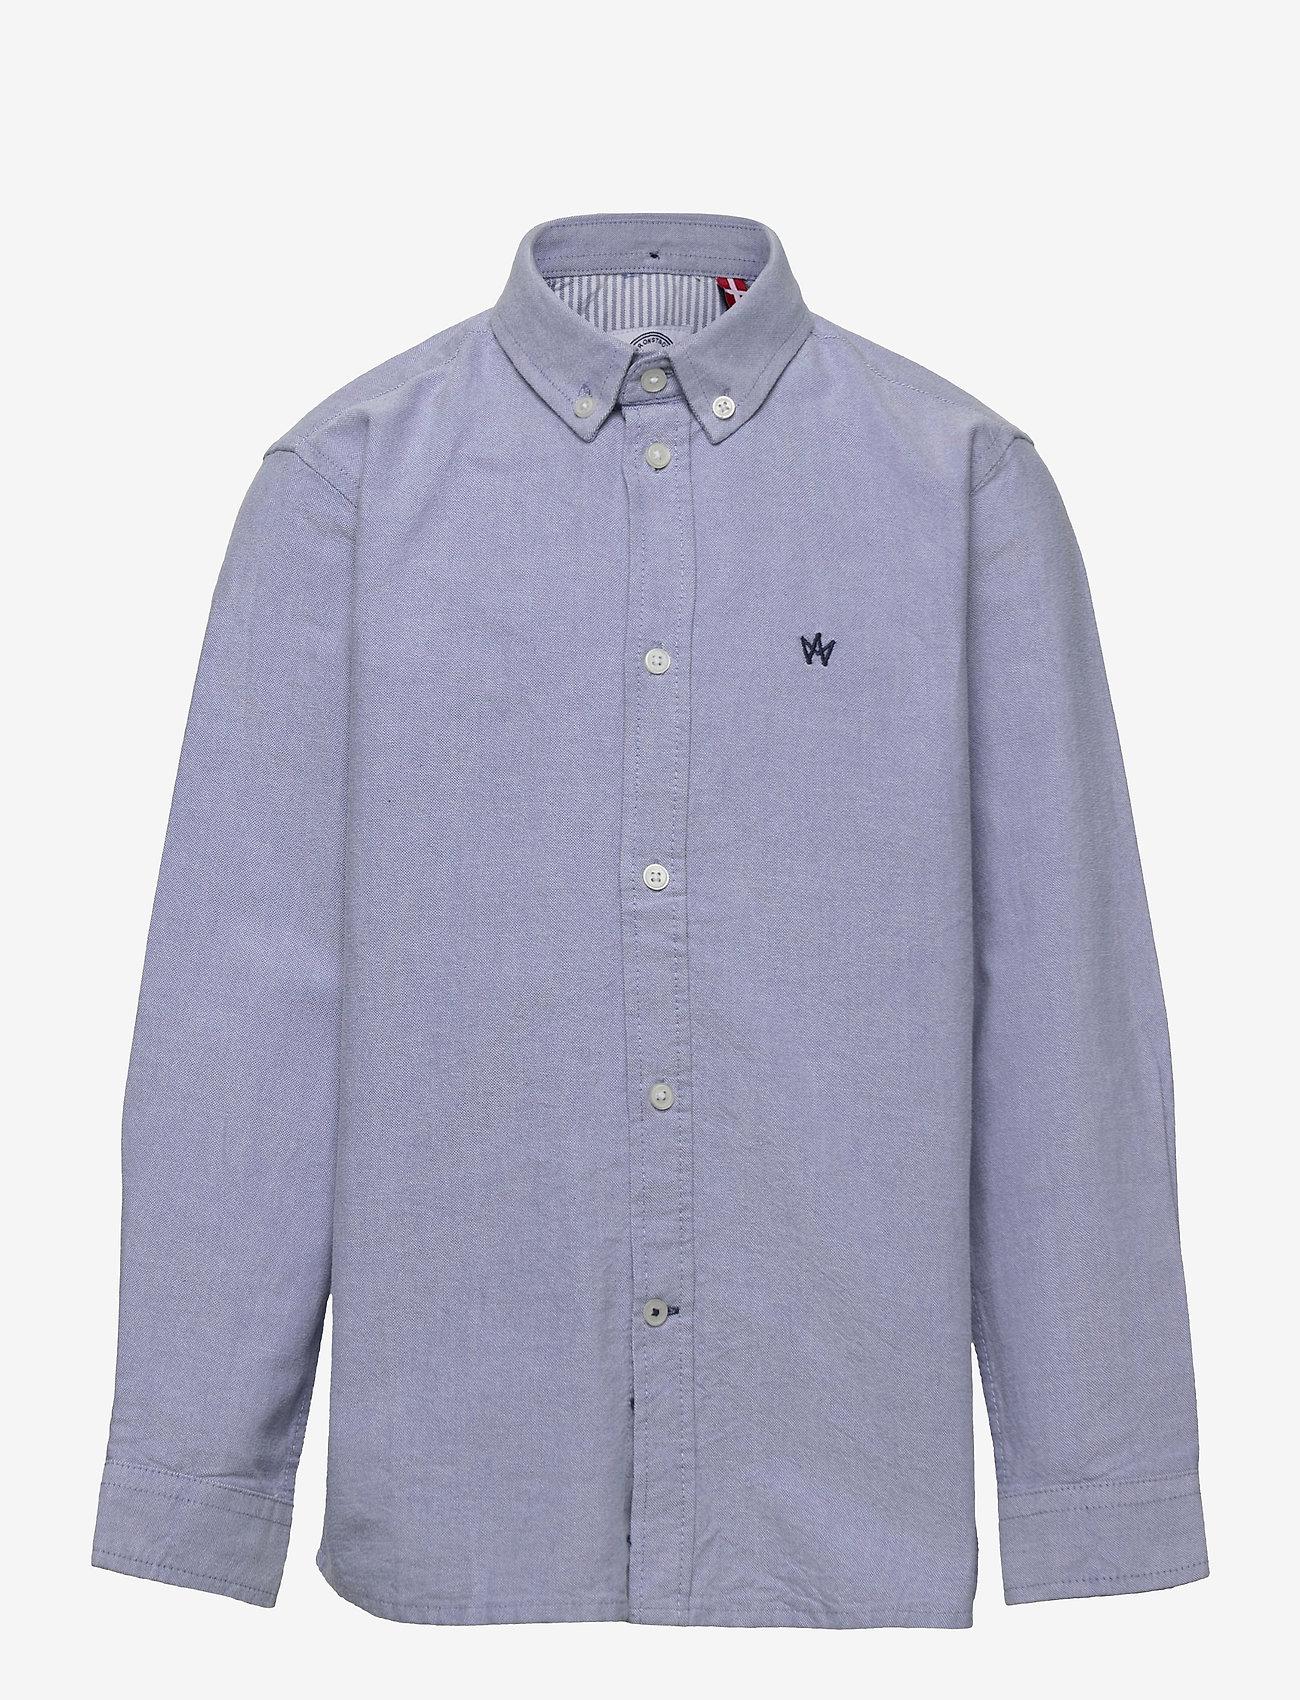 Kronstadt - Johan Oxford shirt - shirts - light blue - 0